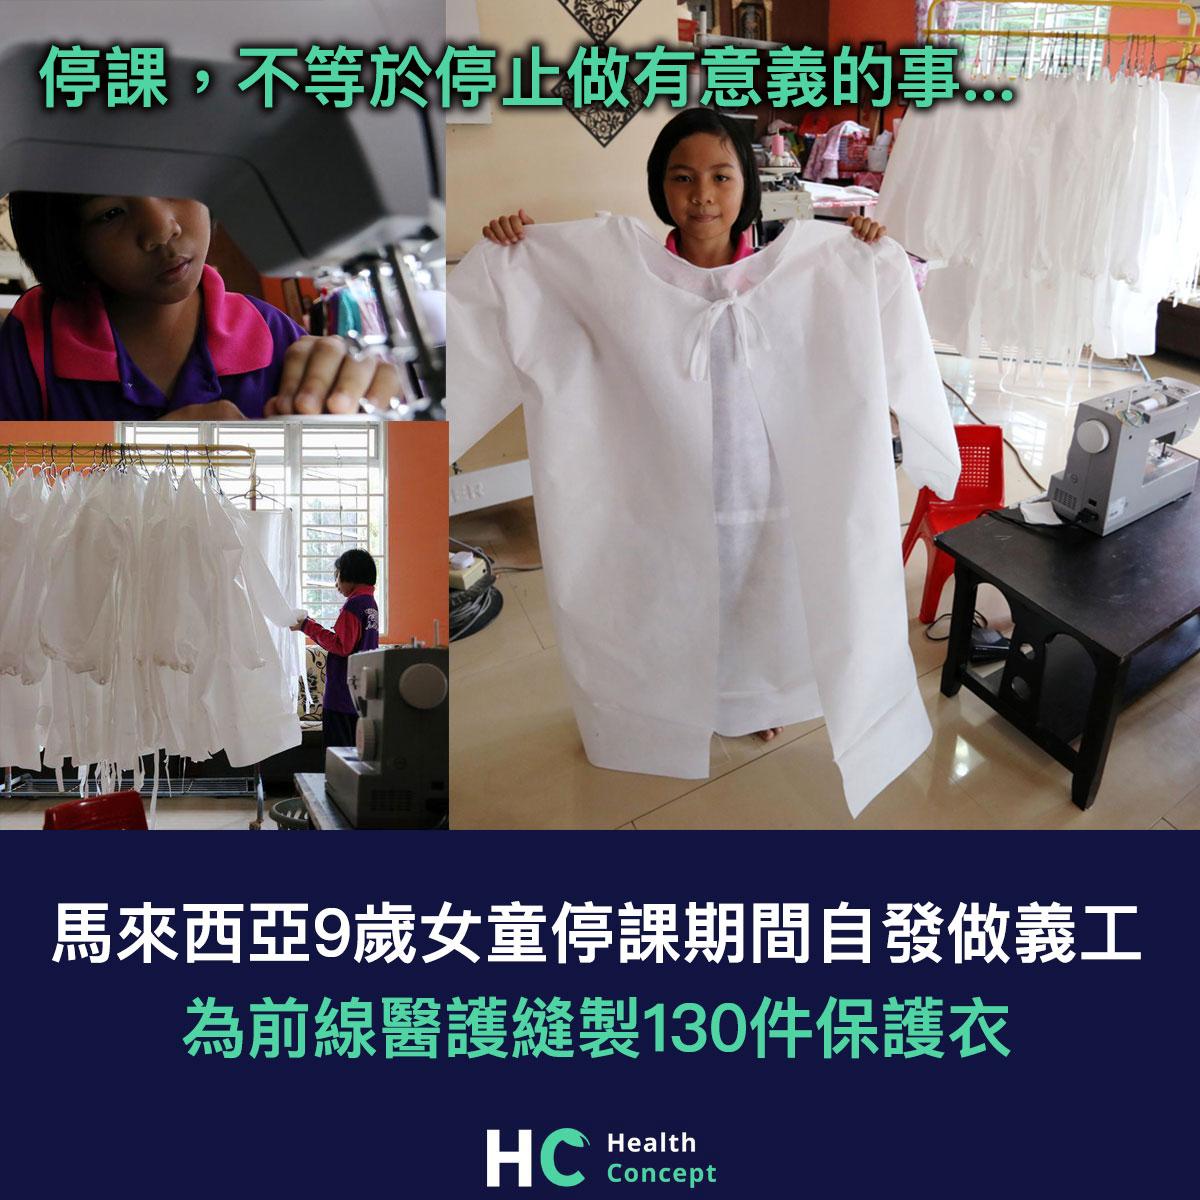 【#醫療熱話】馬來西亞9歲女童停課期間自發做義工,為前線醫護縫製130件保護衣